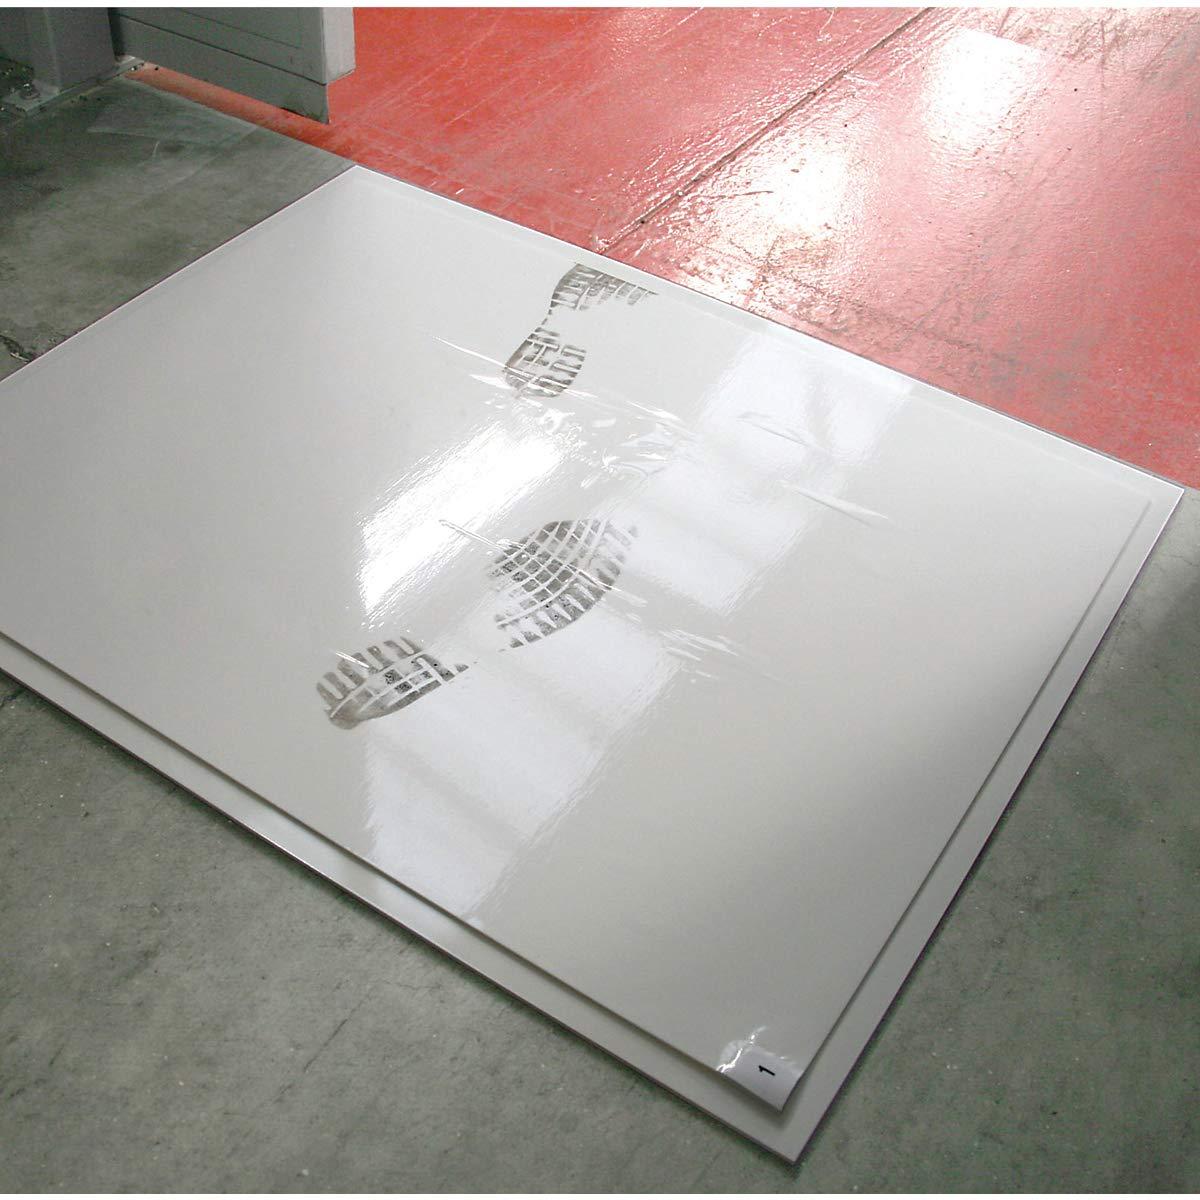 60 Stk inkl Bodenmatte Reinraum Reinraumausstattung Reinraummatte Reinraummatten - LxB 800 x 1300 mm Foliensatz Reinraummatte mit haftender Oberfl/äche